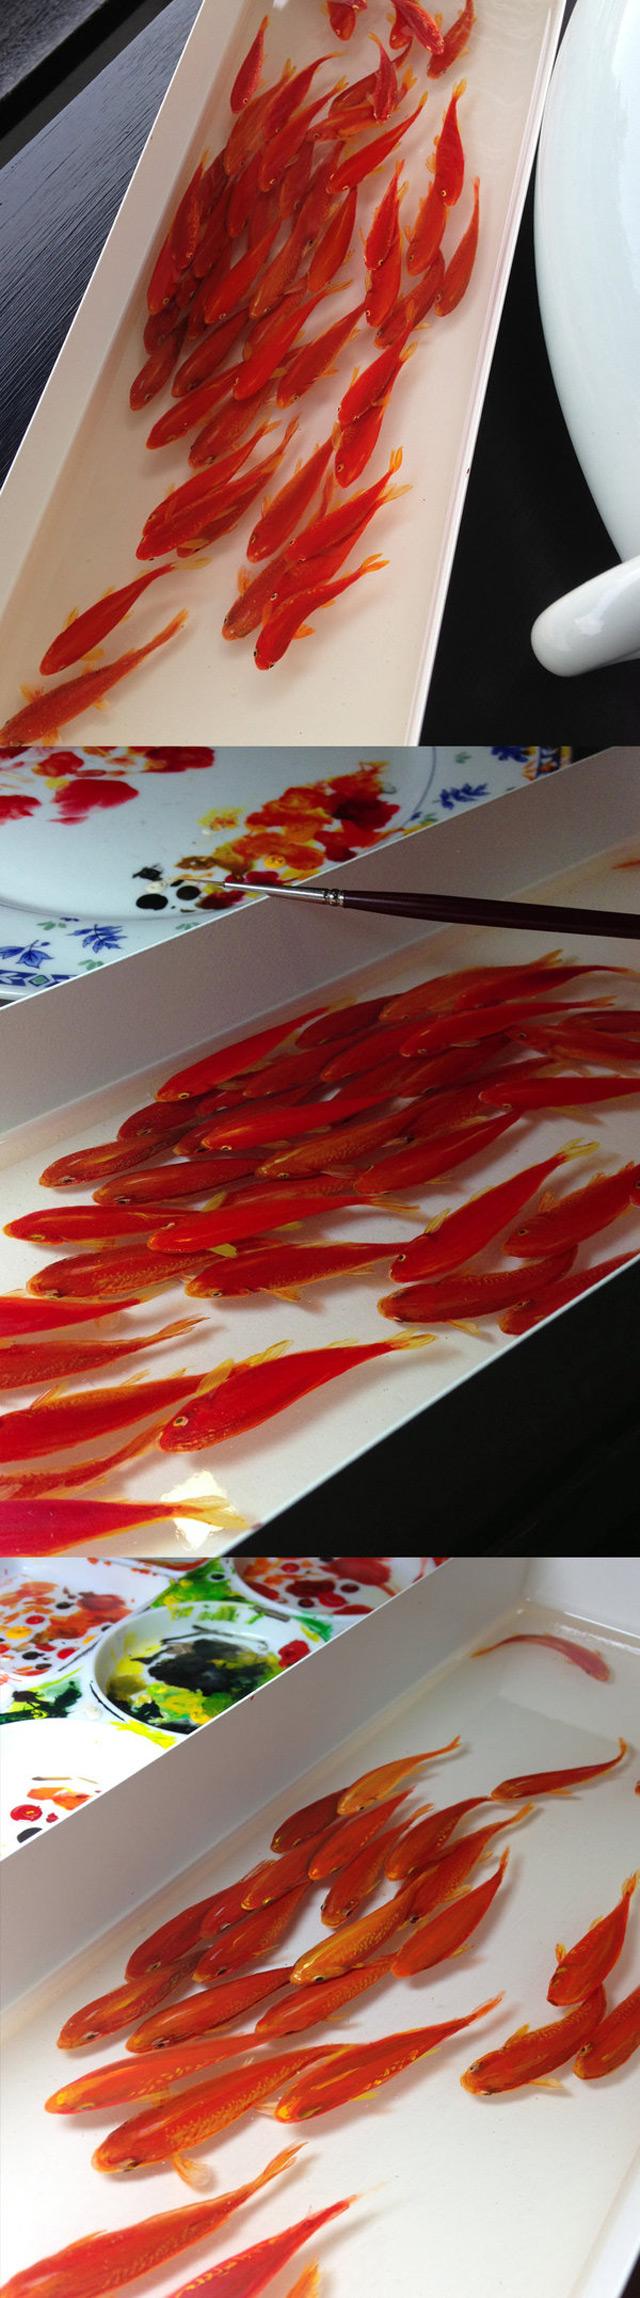 Three Dimensional Resin Paintings by Keng Lye